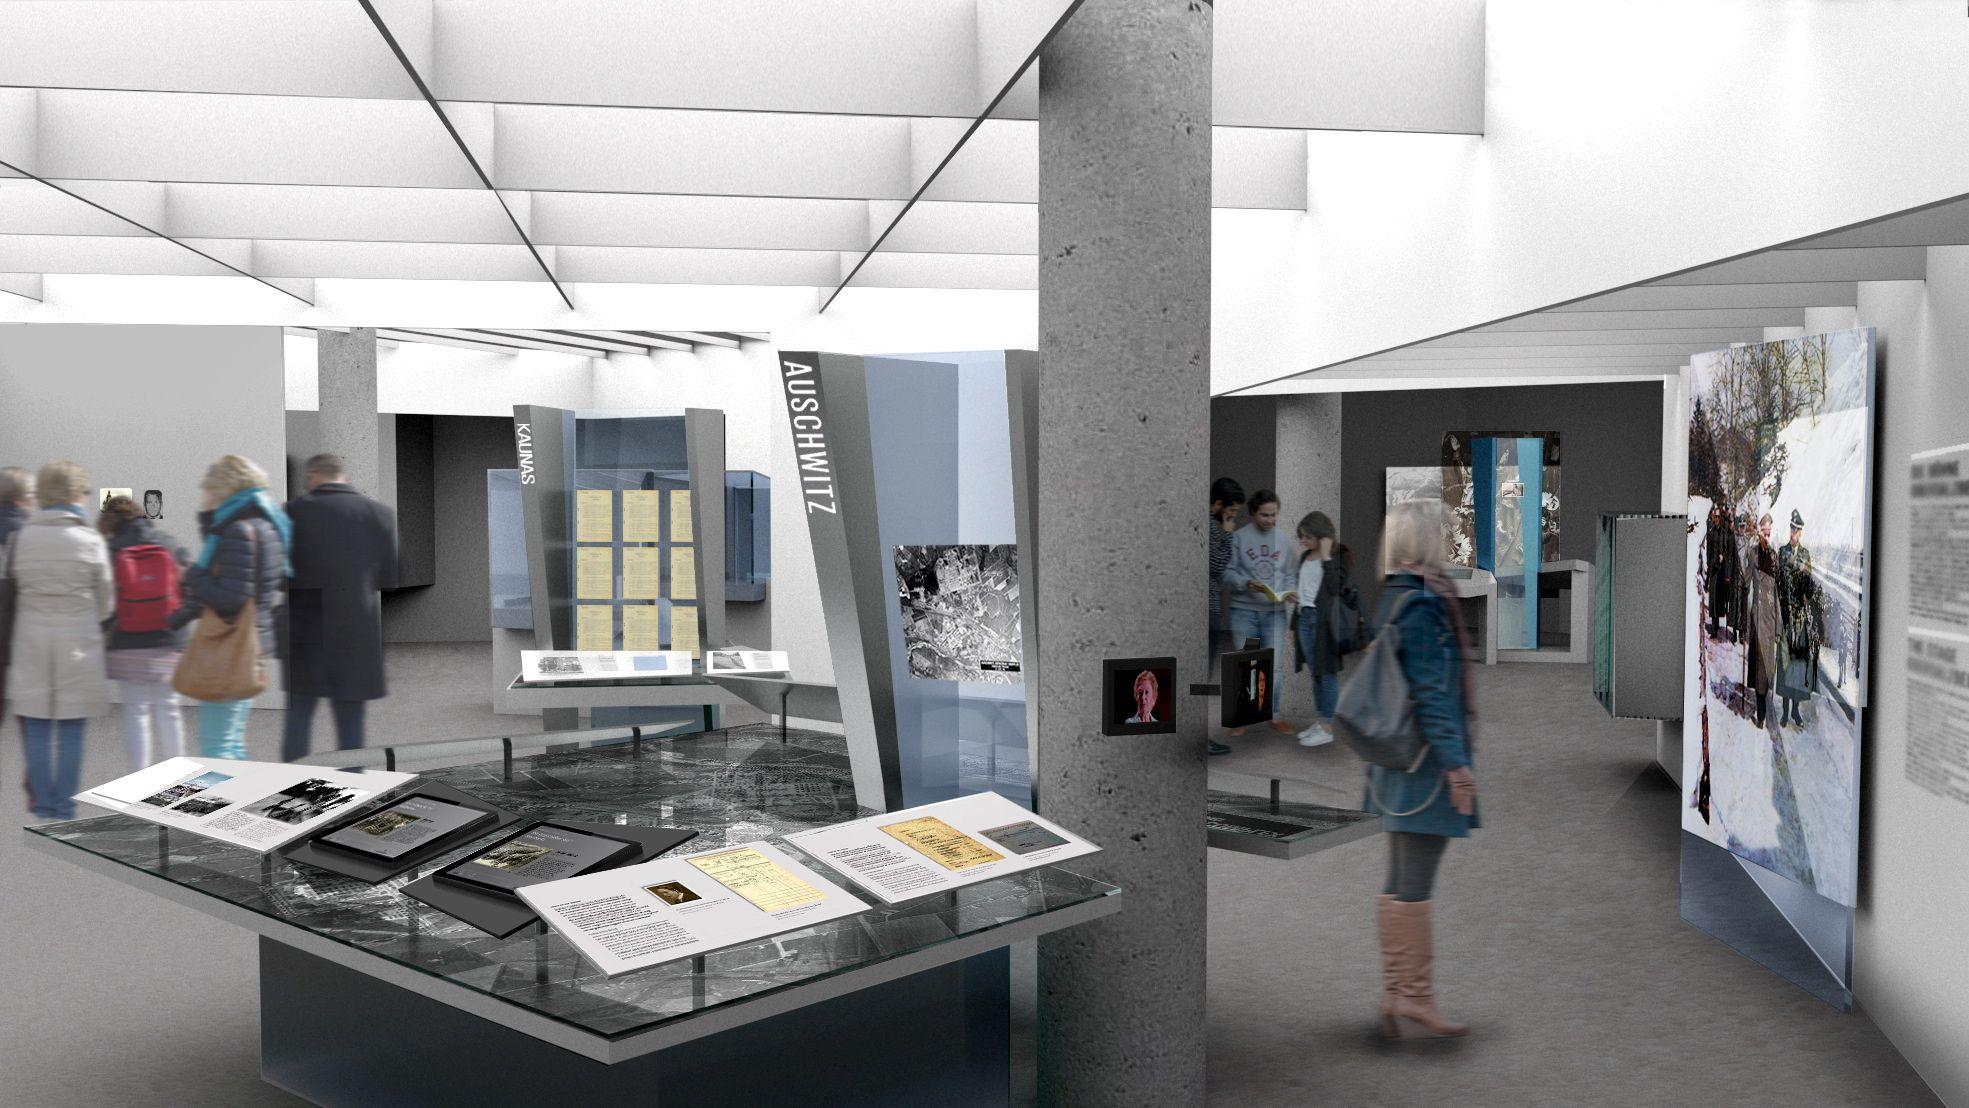 Die Computersimulation zeigt die neue Dauerstellung der Dokumentation Obersalzberg